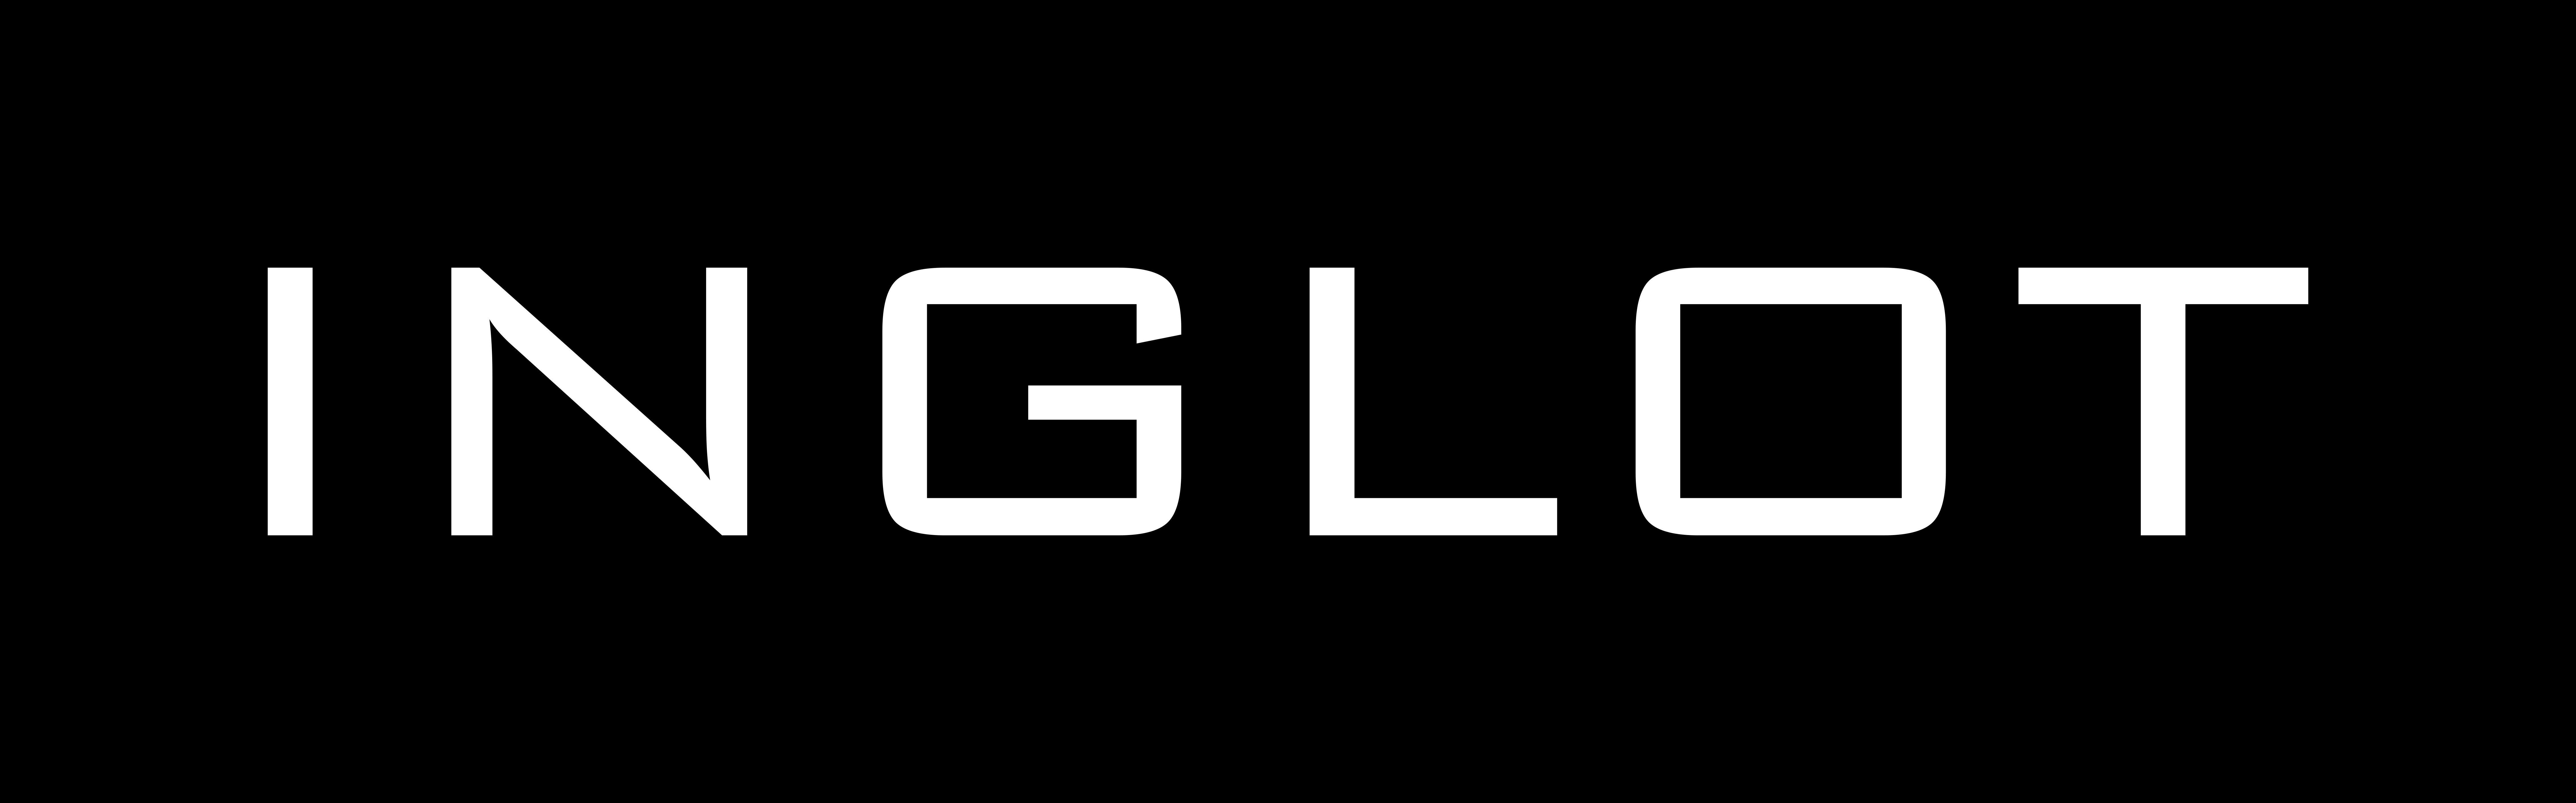 INGLOT-logo-compressor.jpg